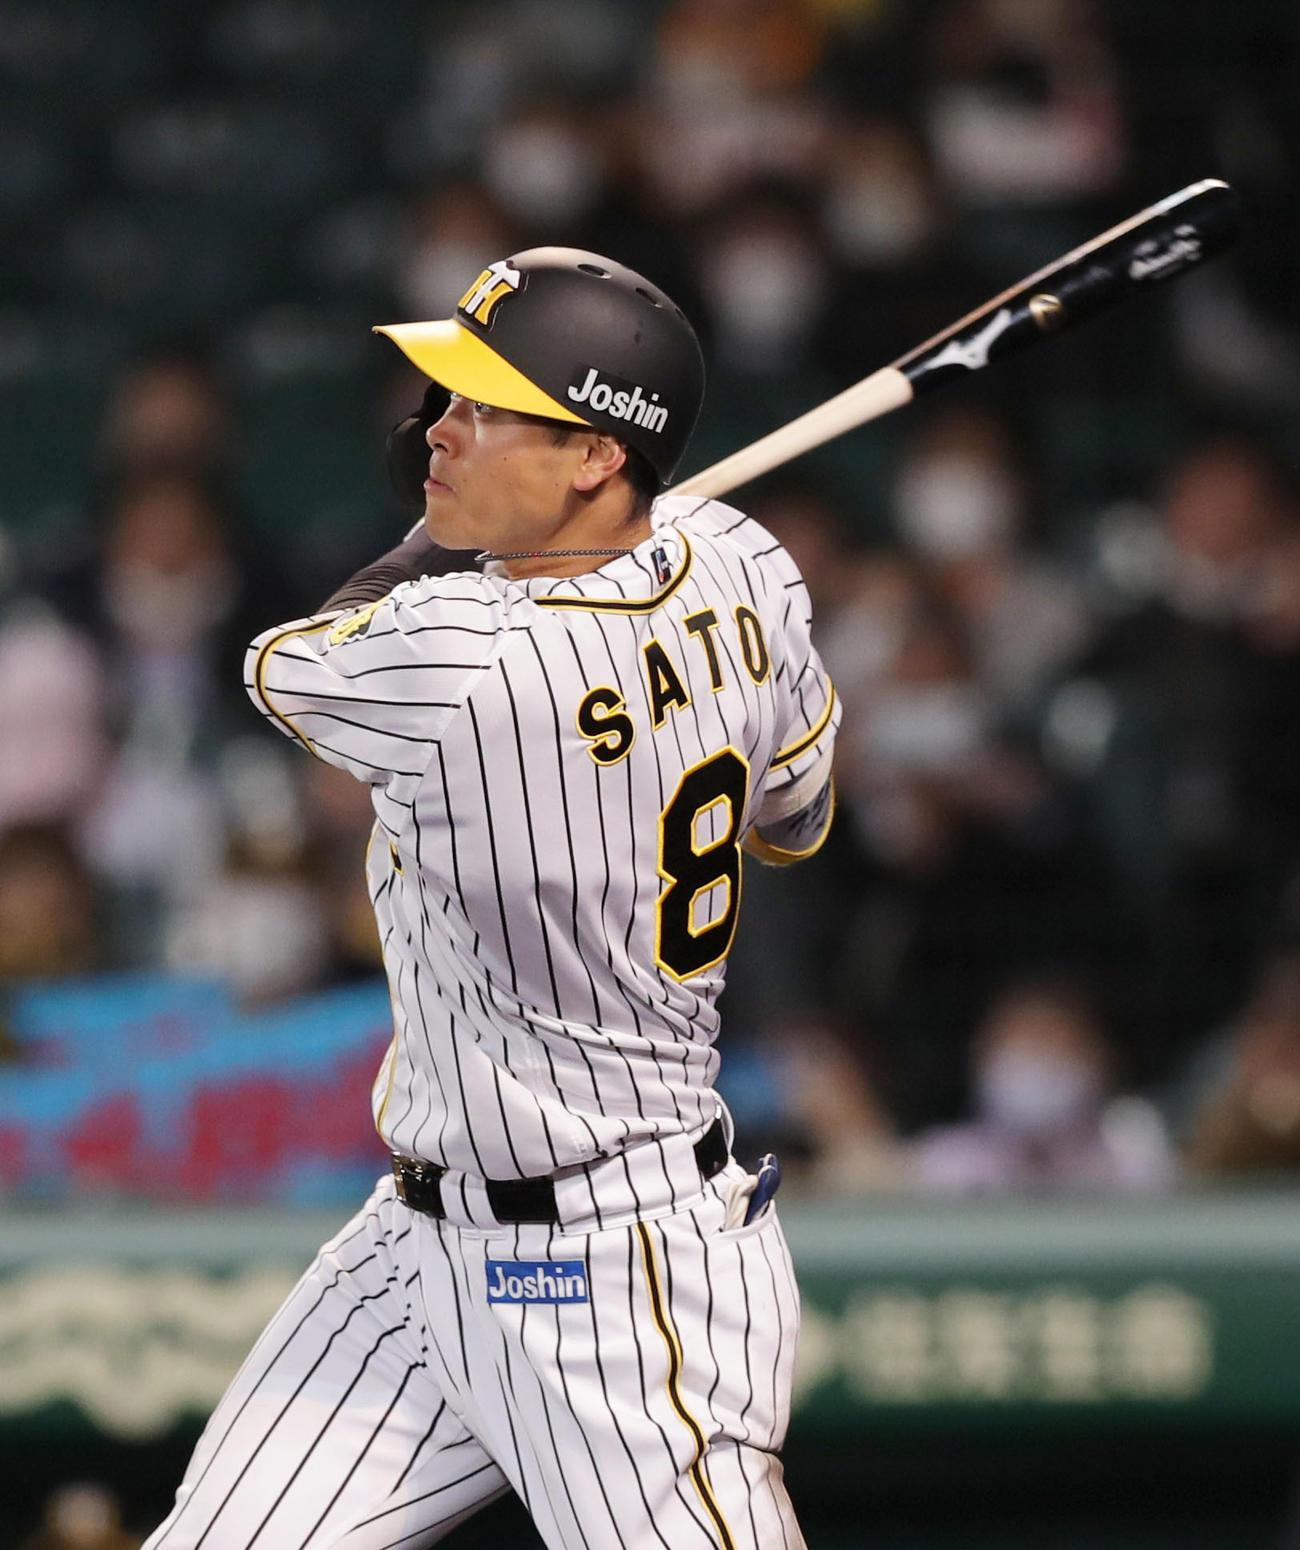 阪神対広島 4回裏阪神無死一塁、右中間へ2点本塁打を放つ佐藤輝(撮影・前田充)